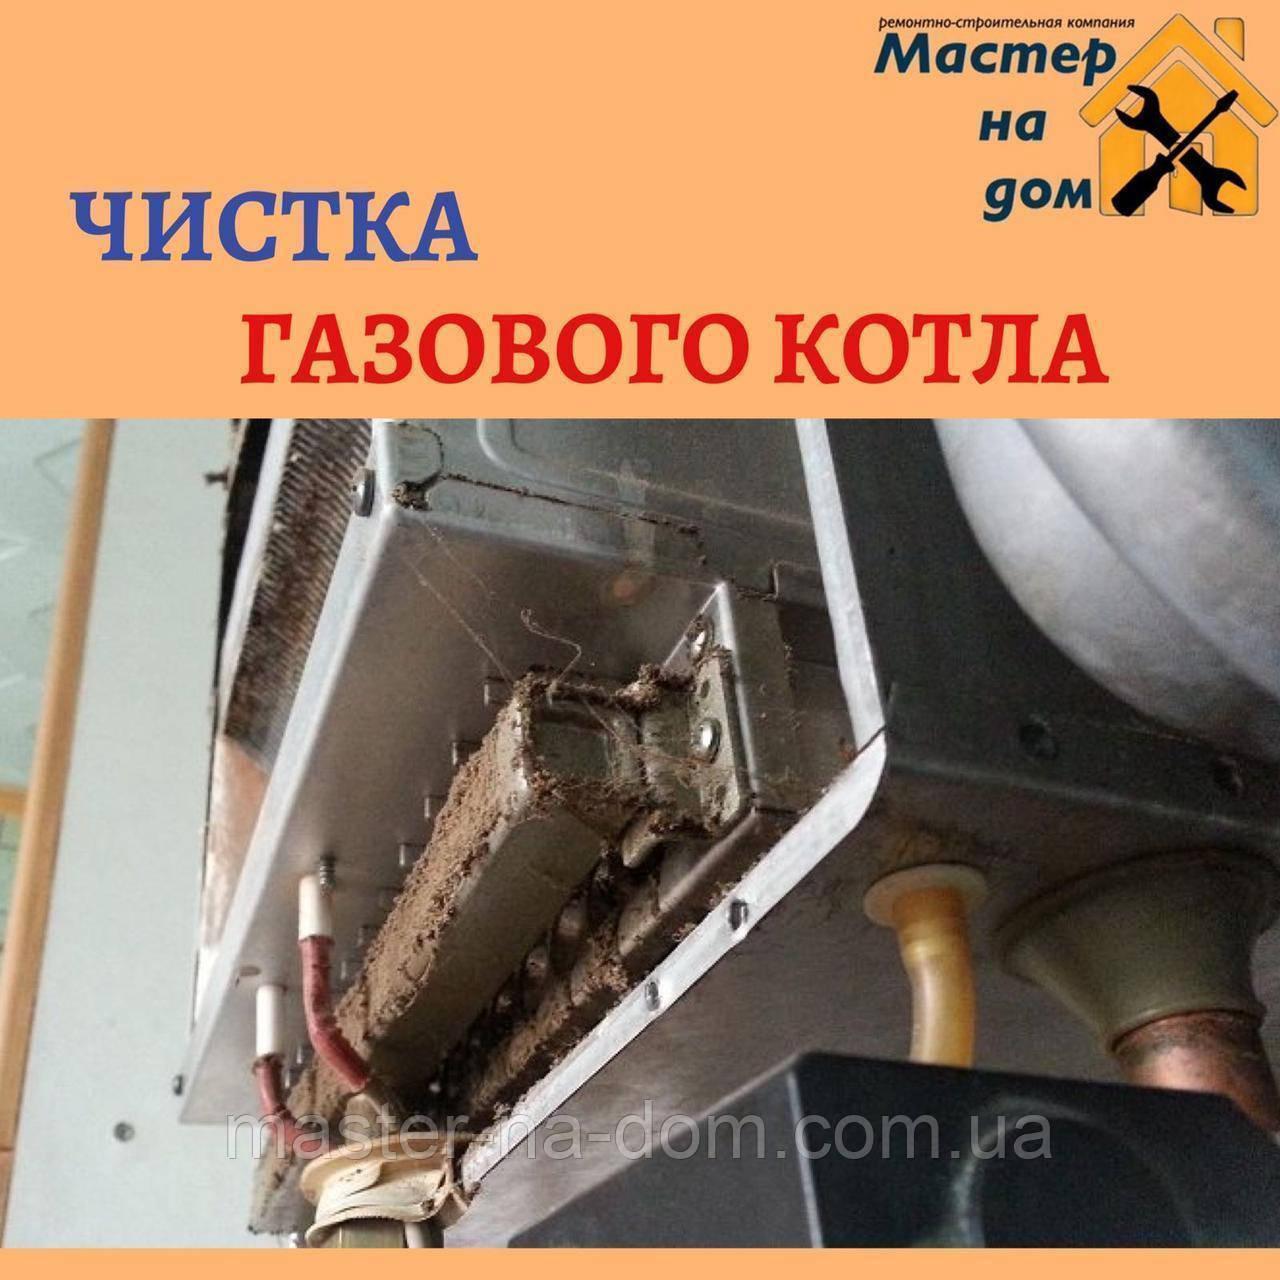 Чистка газового котла с гарантией в Хмельницком